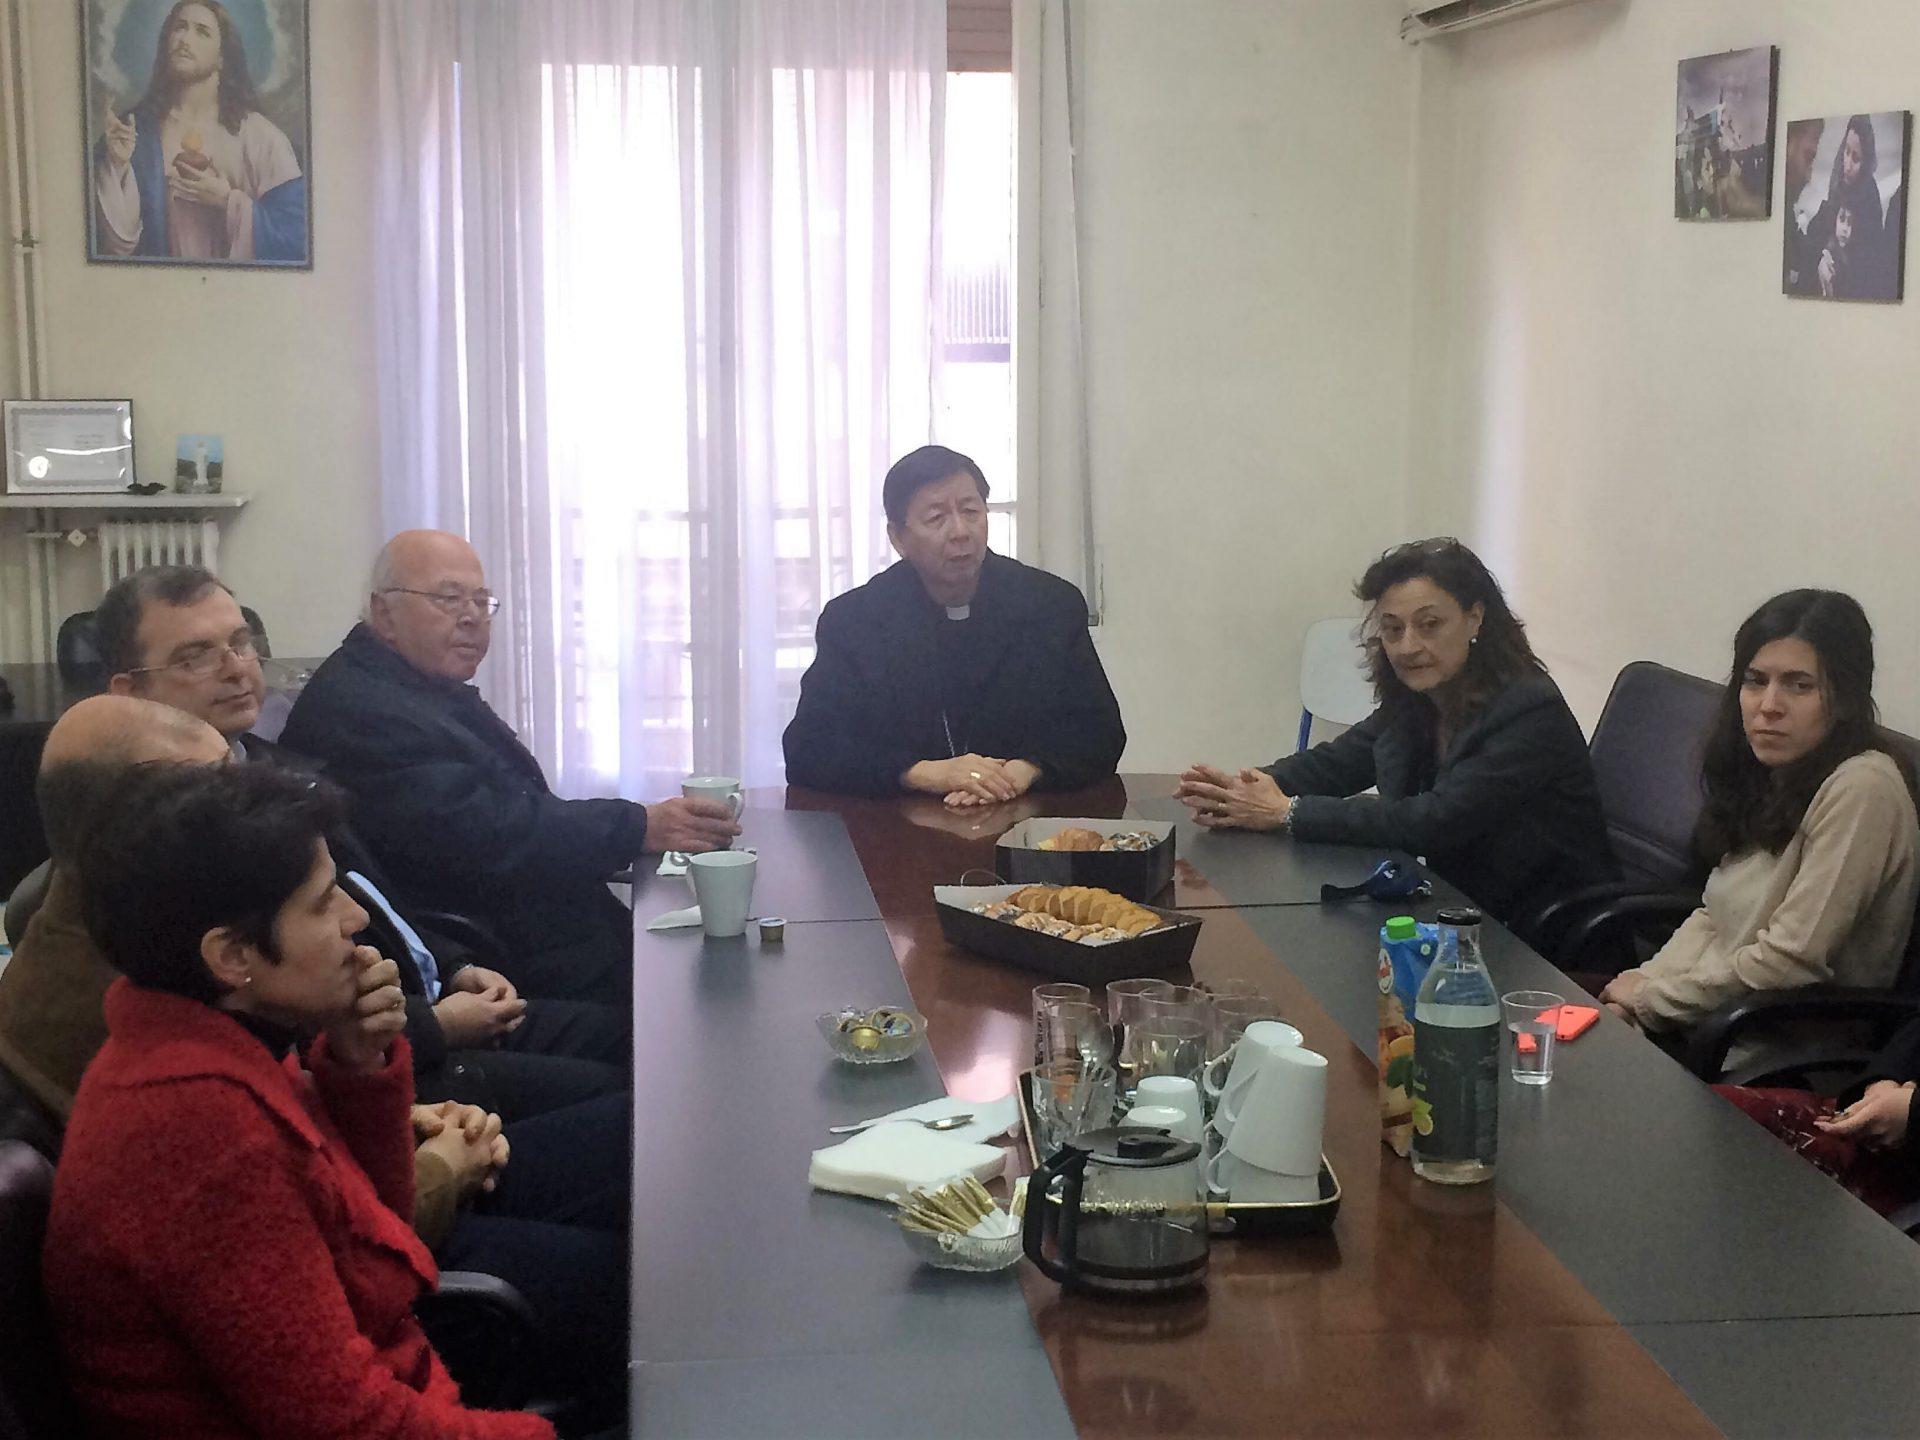 Ο Αποστολικός Νούντσιος στην Ελλάδα επισκέφτηκε τα κεντρικά γραφεία της Κάριτας Ελλάς